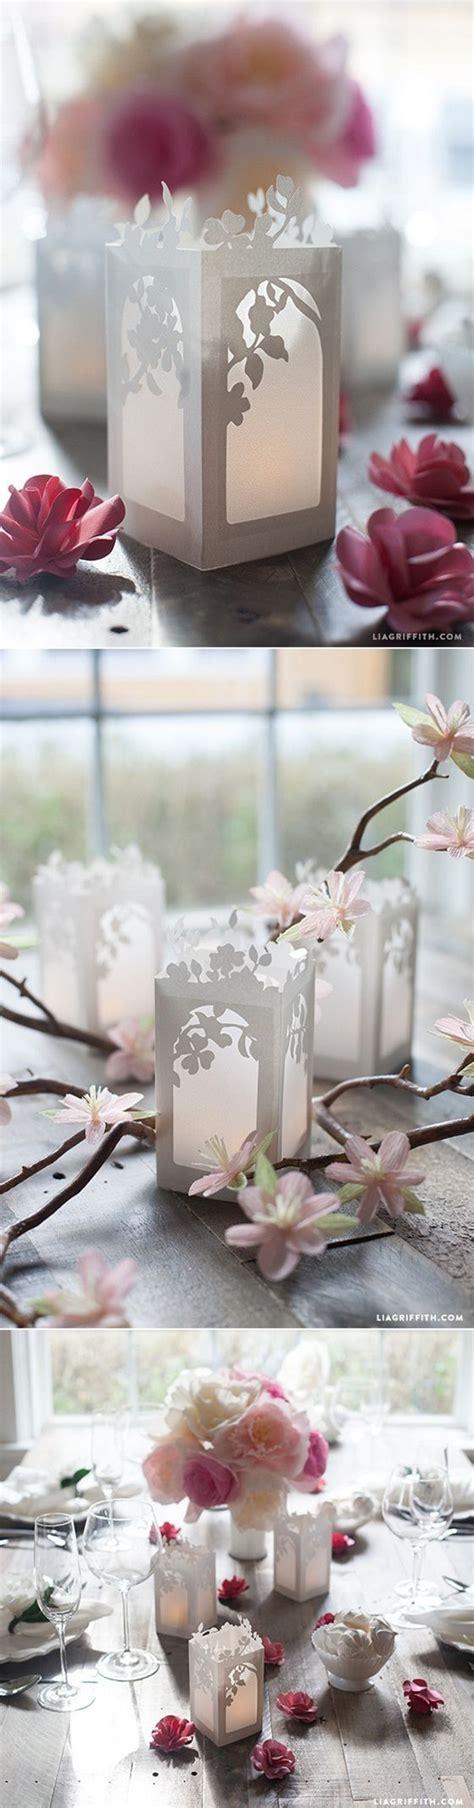 diy wedding centerpieces lanterns 20 creative diy wedding ideas for 2016 spring